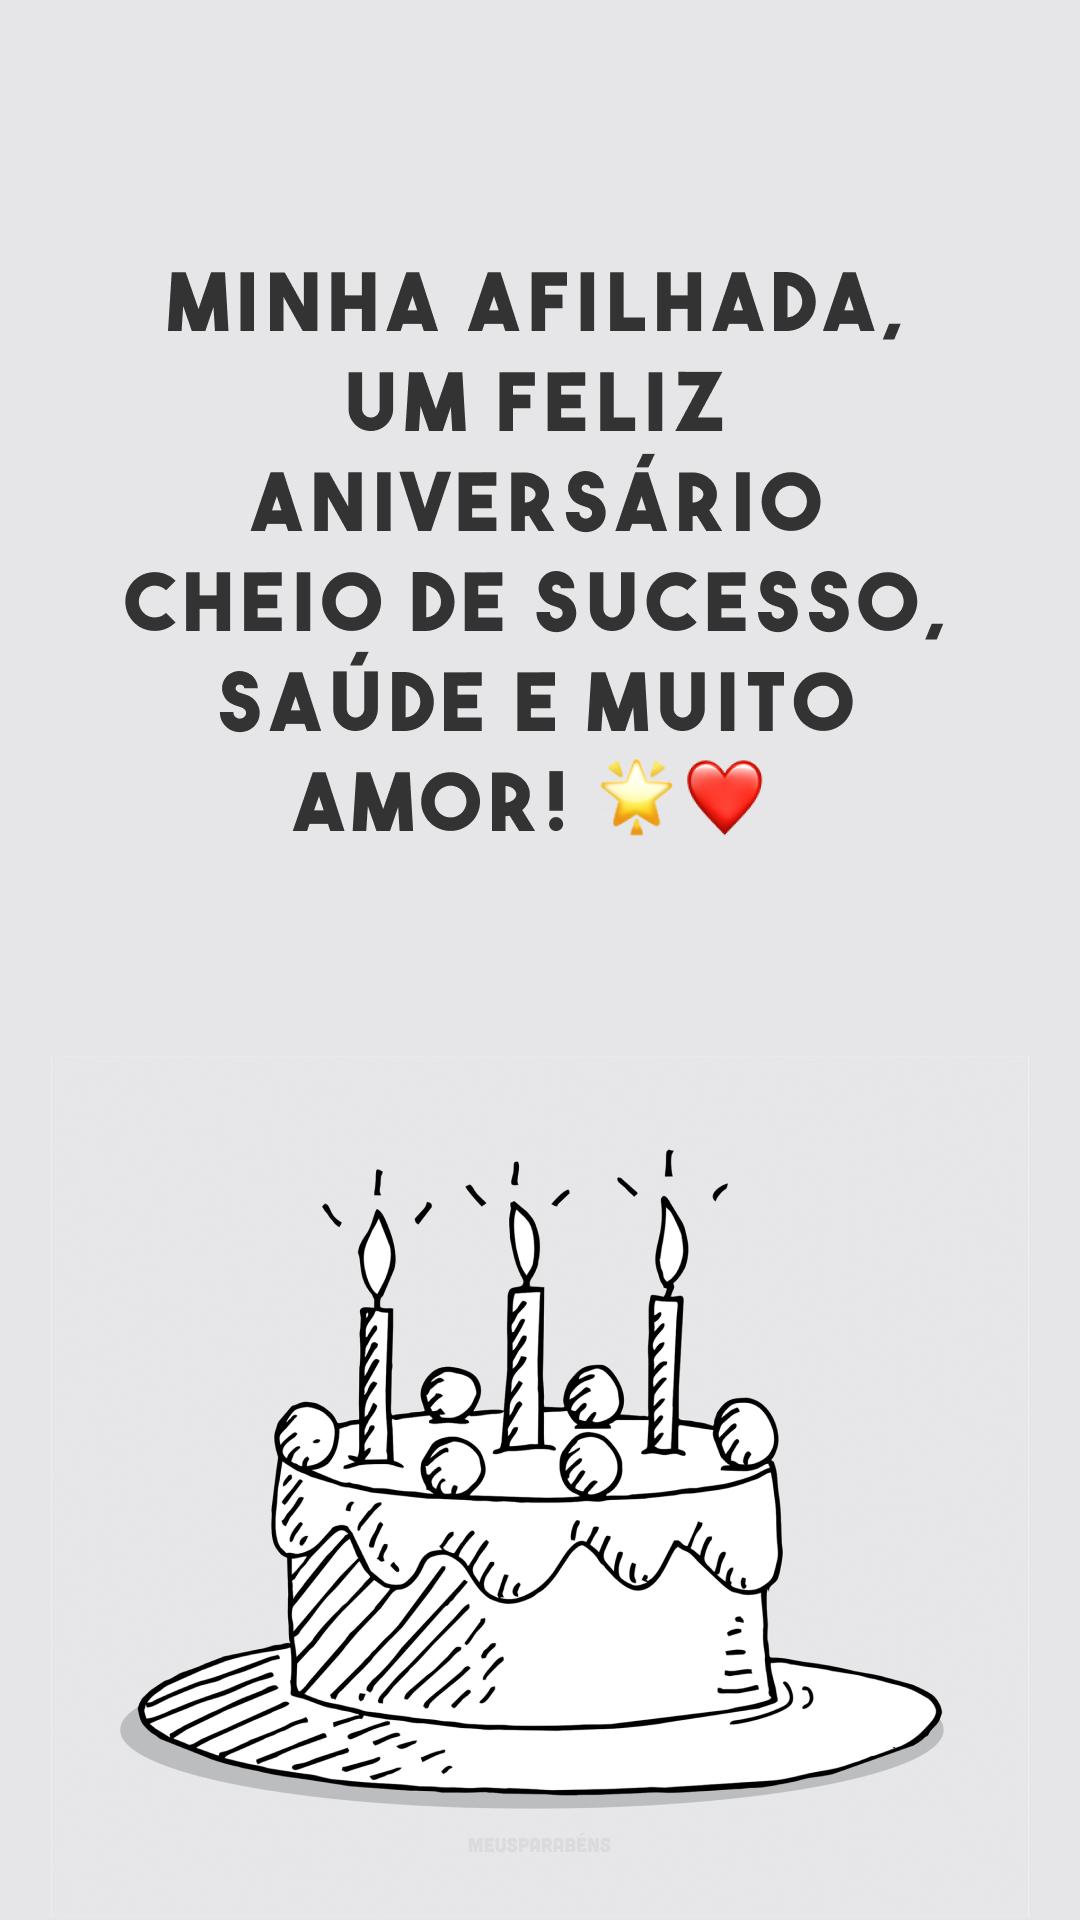 Minha afilhada, um feliz aniversário cheio de sucesso, saúde e muito amor! ?❤